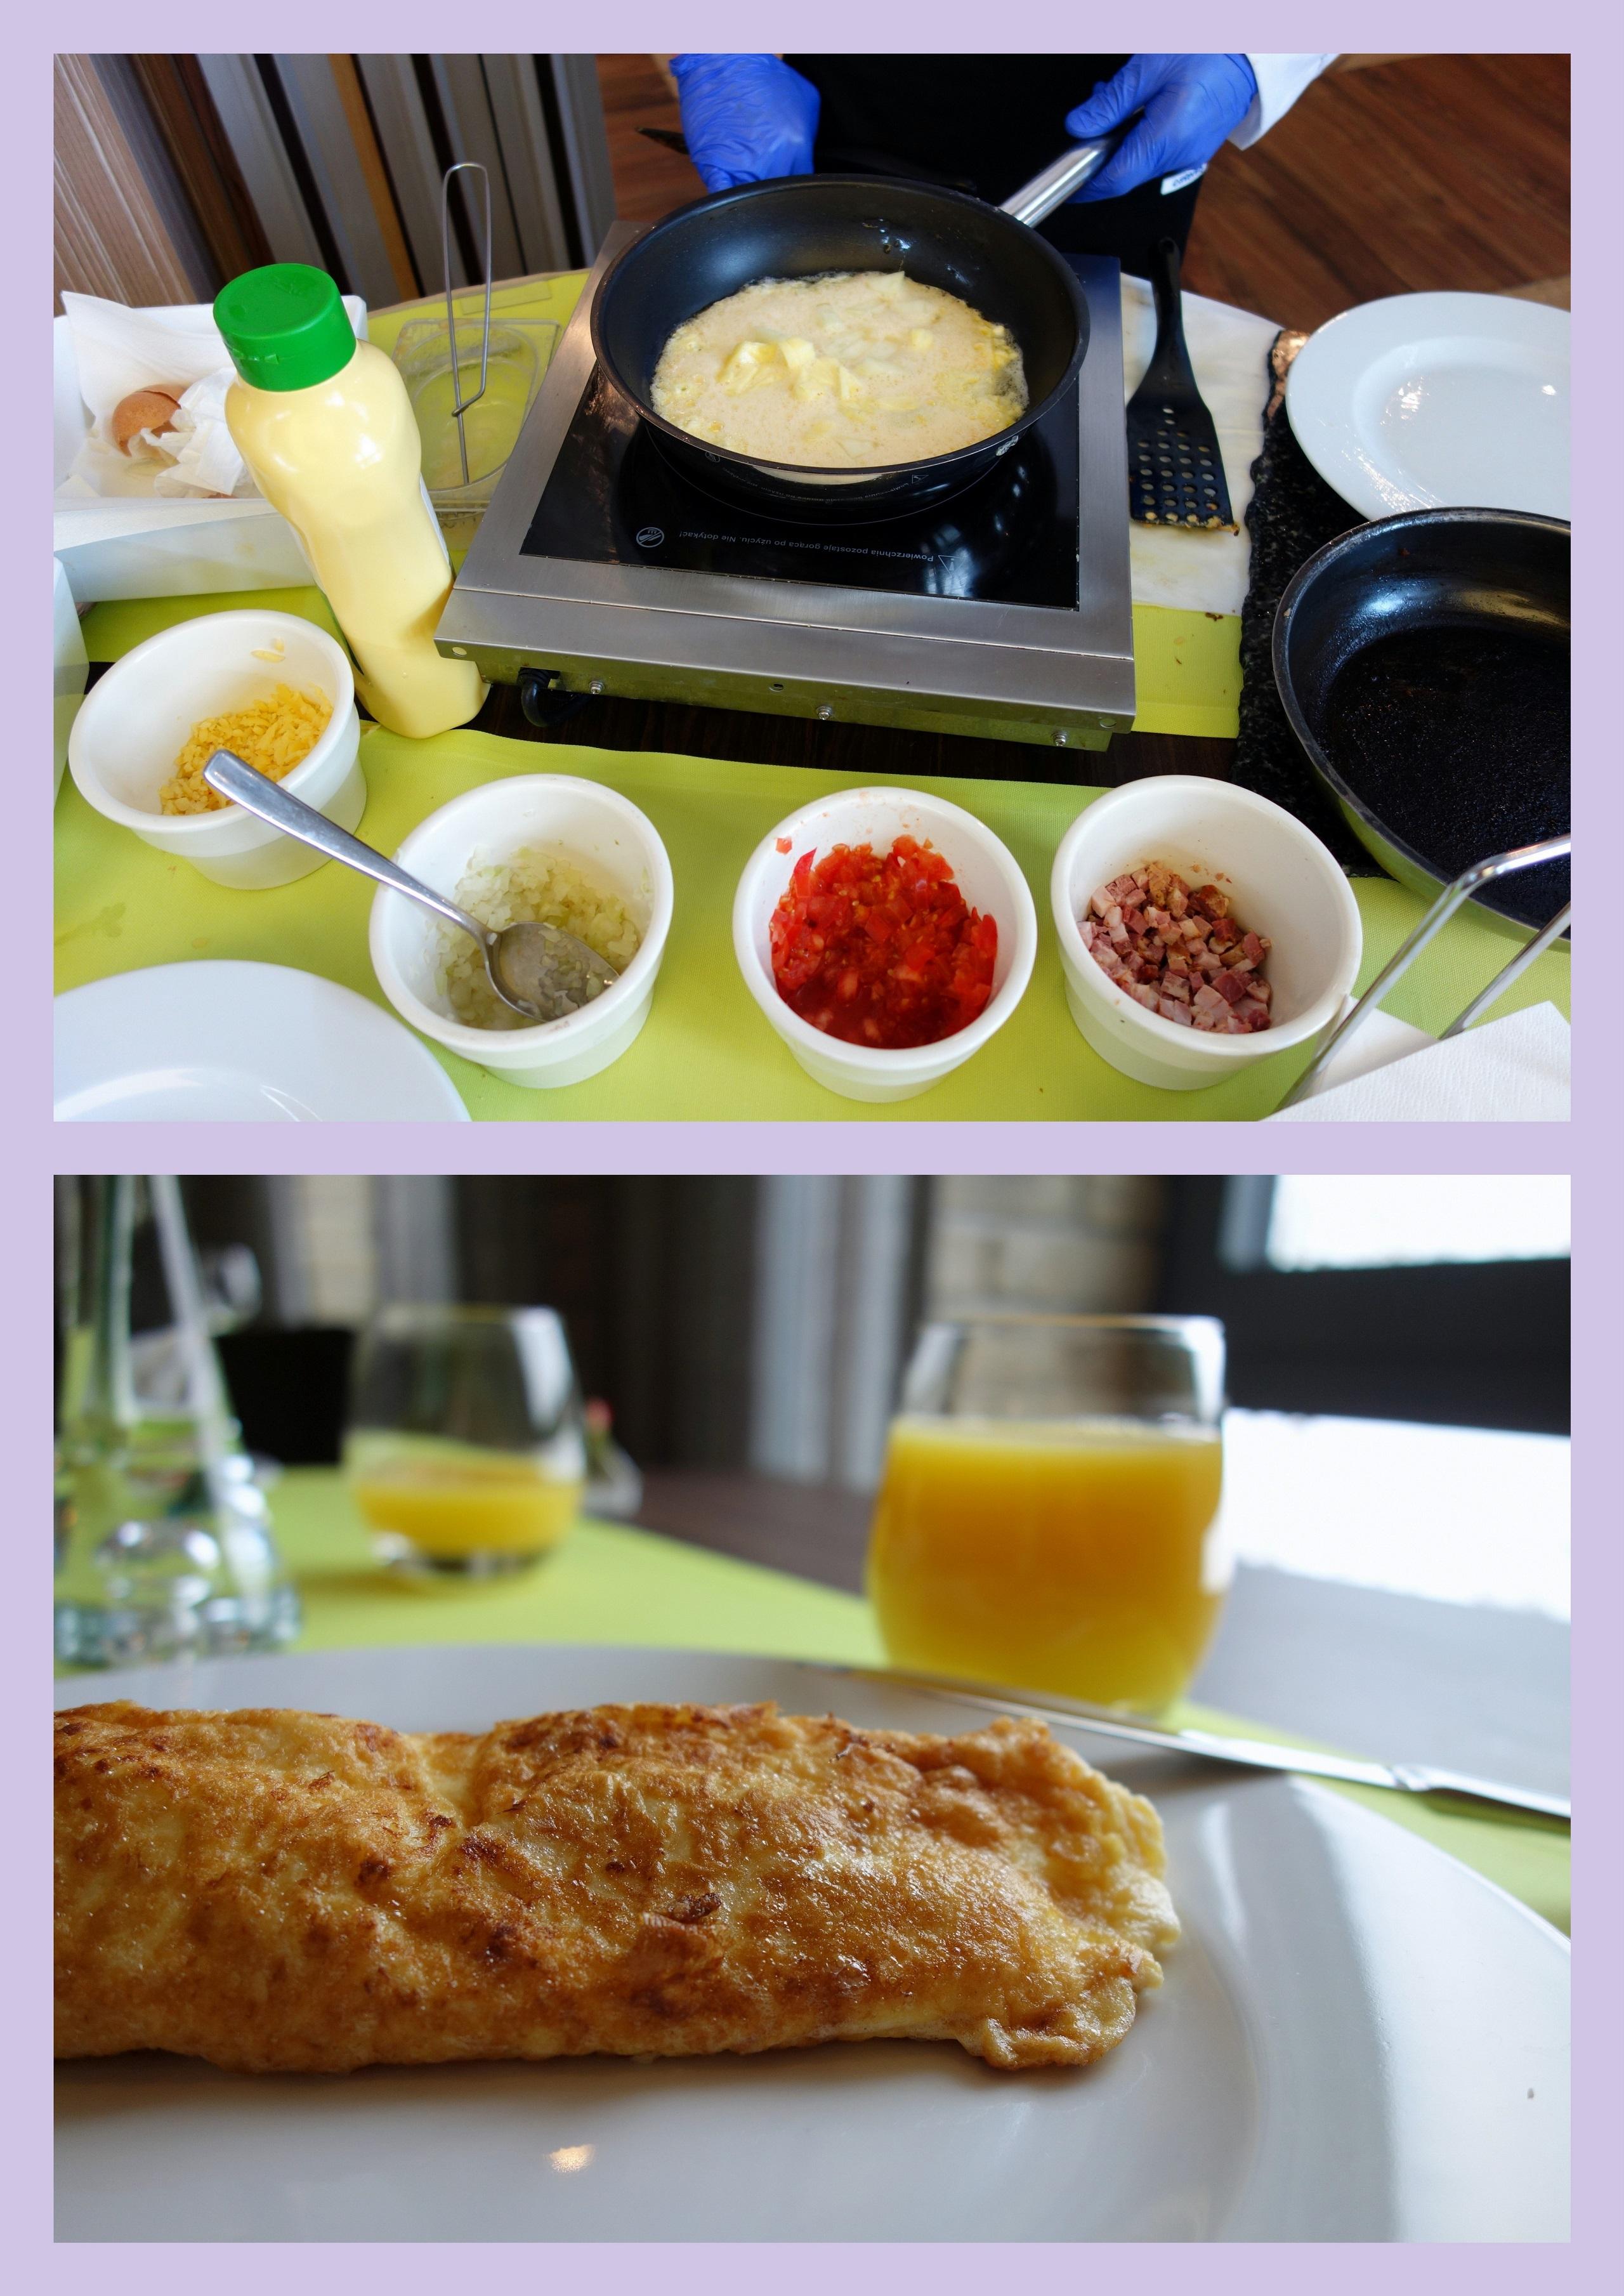 Hotel Loft 1898, Suwałki - śniadanie w formie bufetu